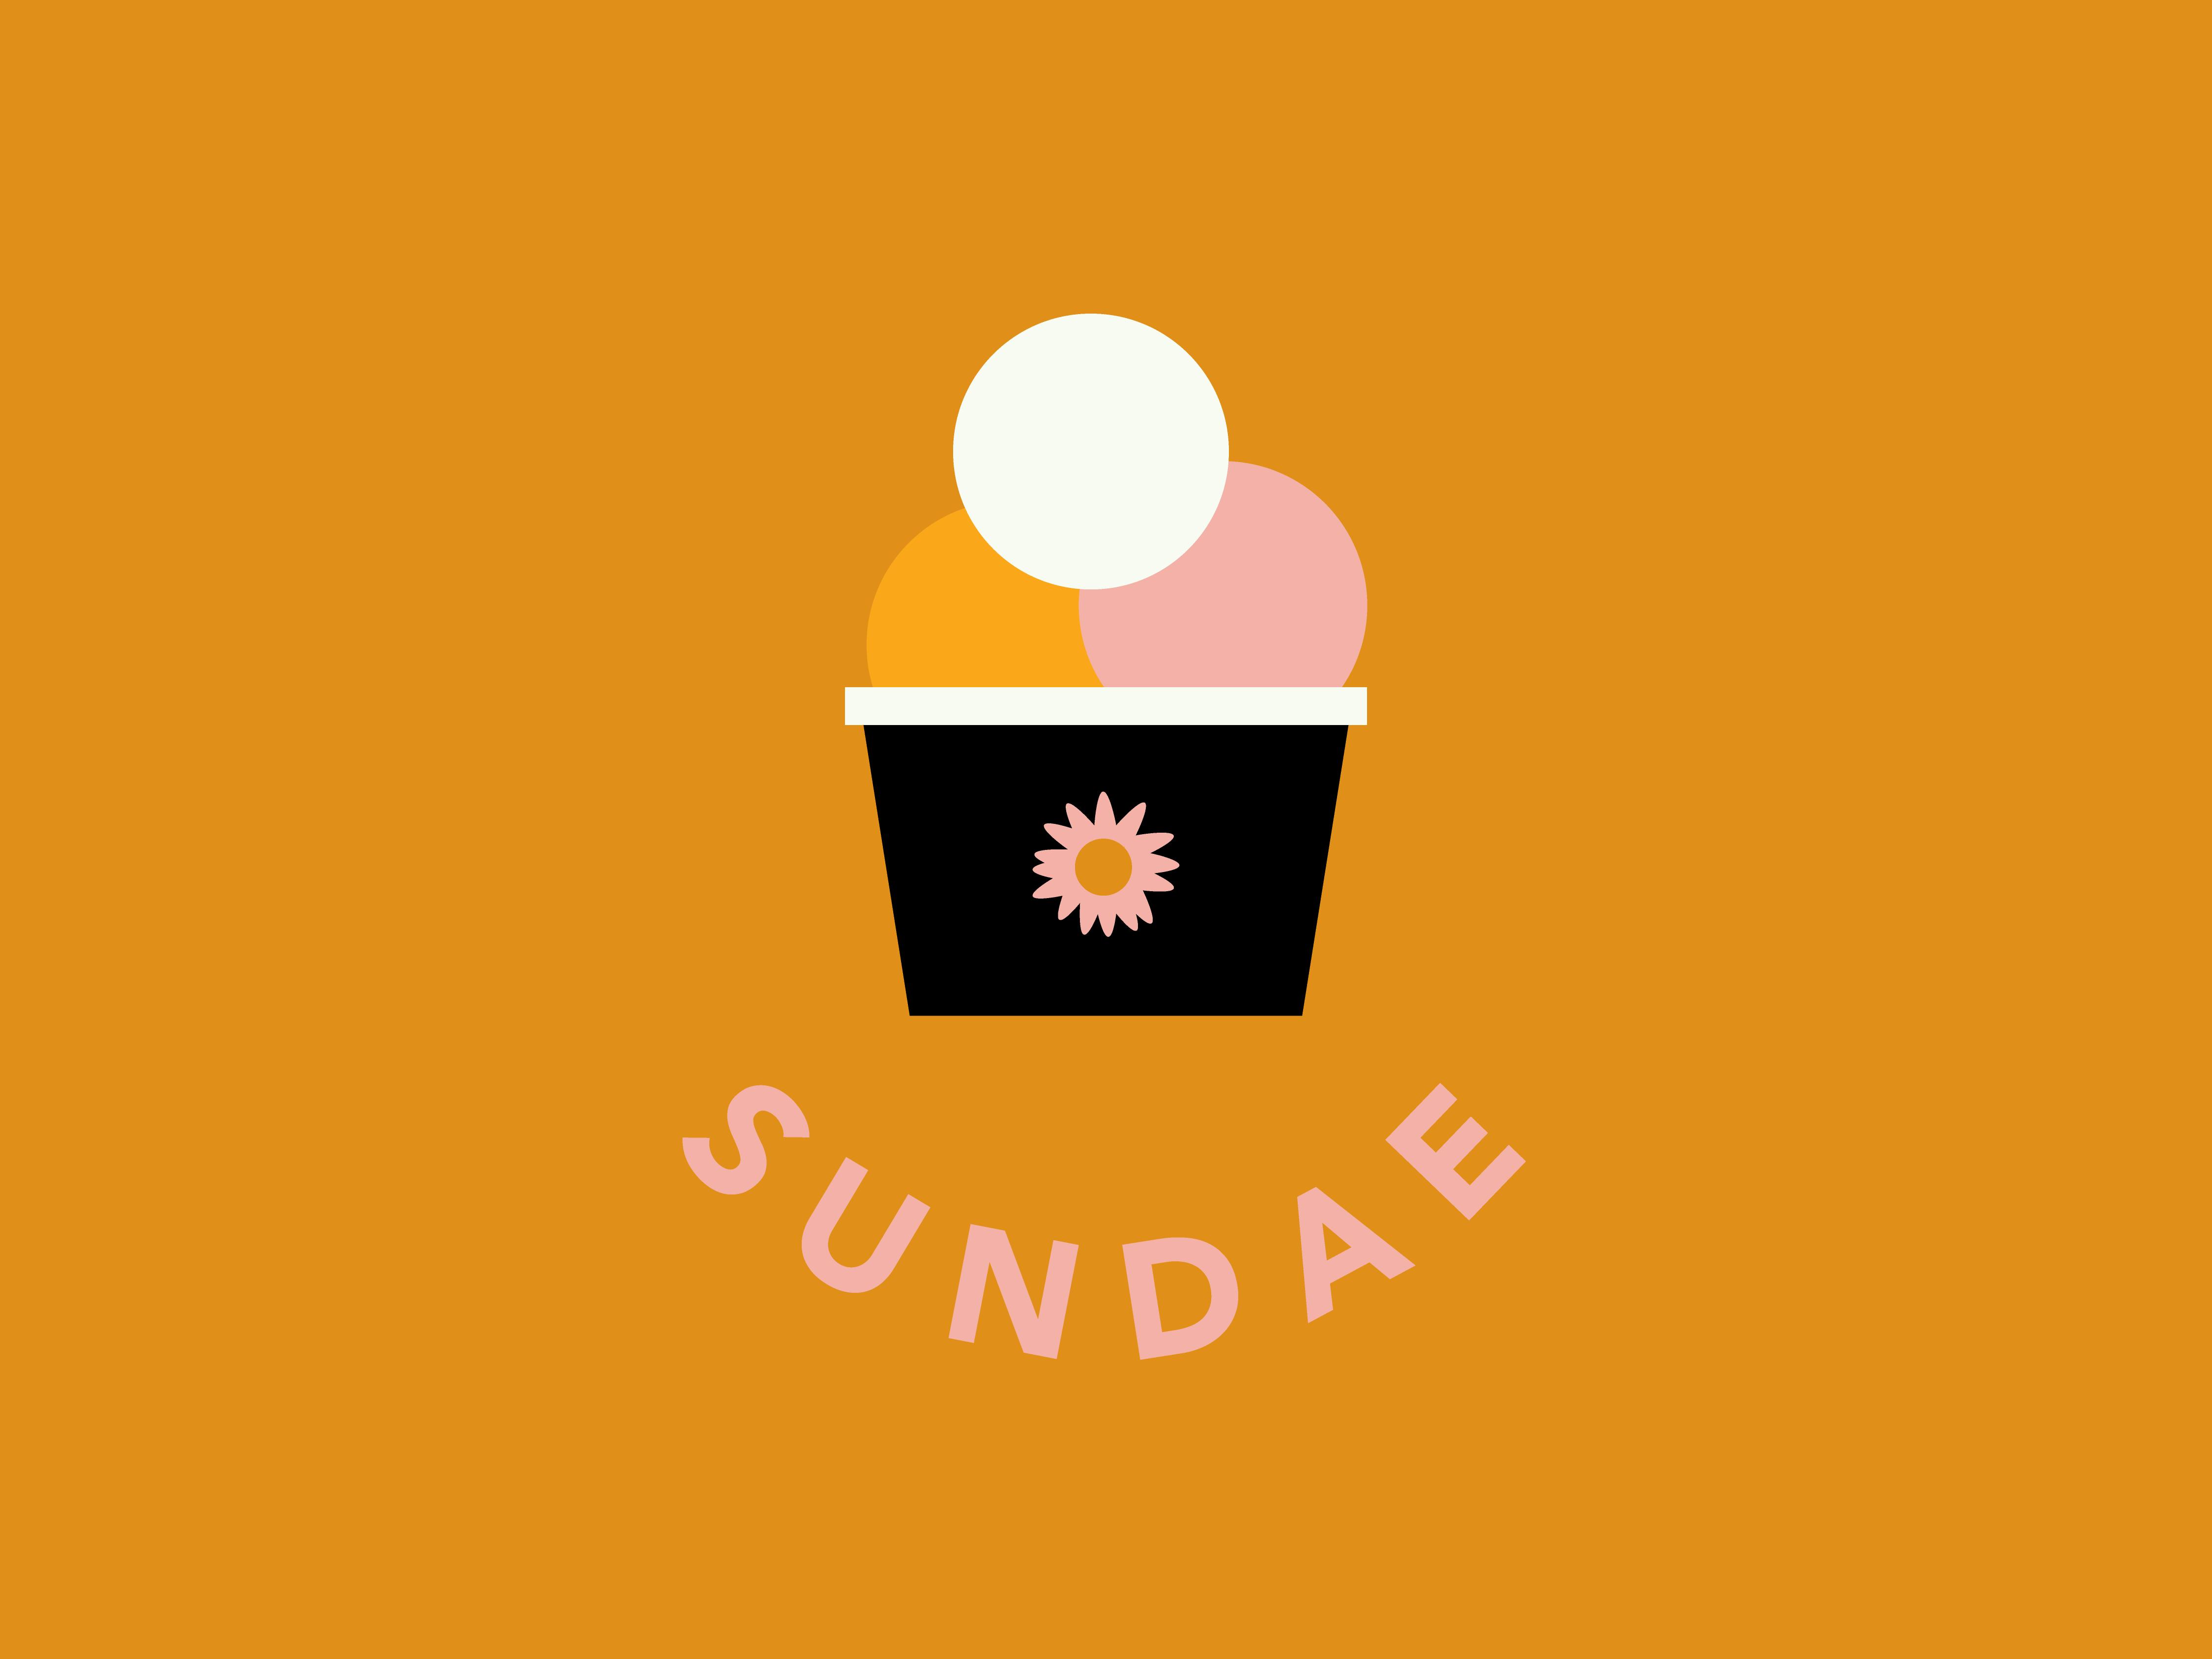 Instagram wordchallenge sun 04